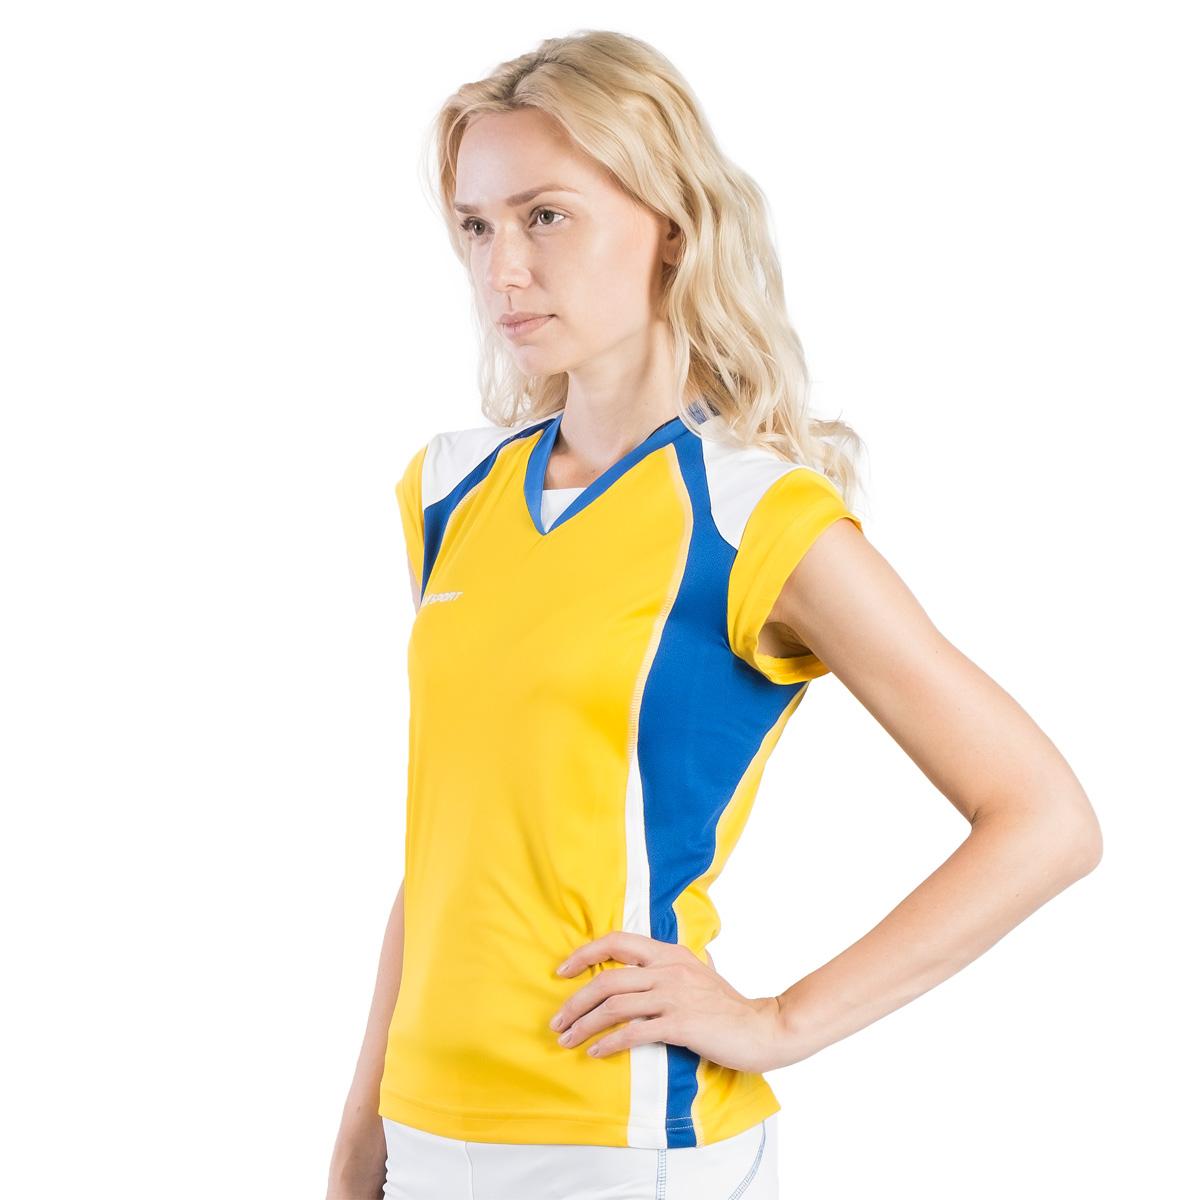 Футболка волейбольная женская 2K Sport Energy, цвет: желтый, синий, белый. 140042. Размер S (42/44) - Волейбол